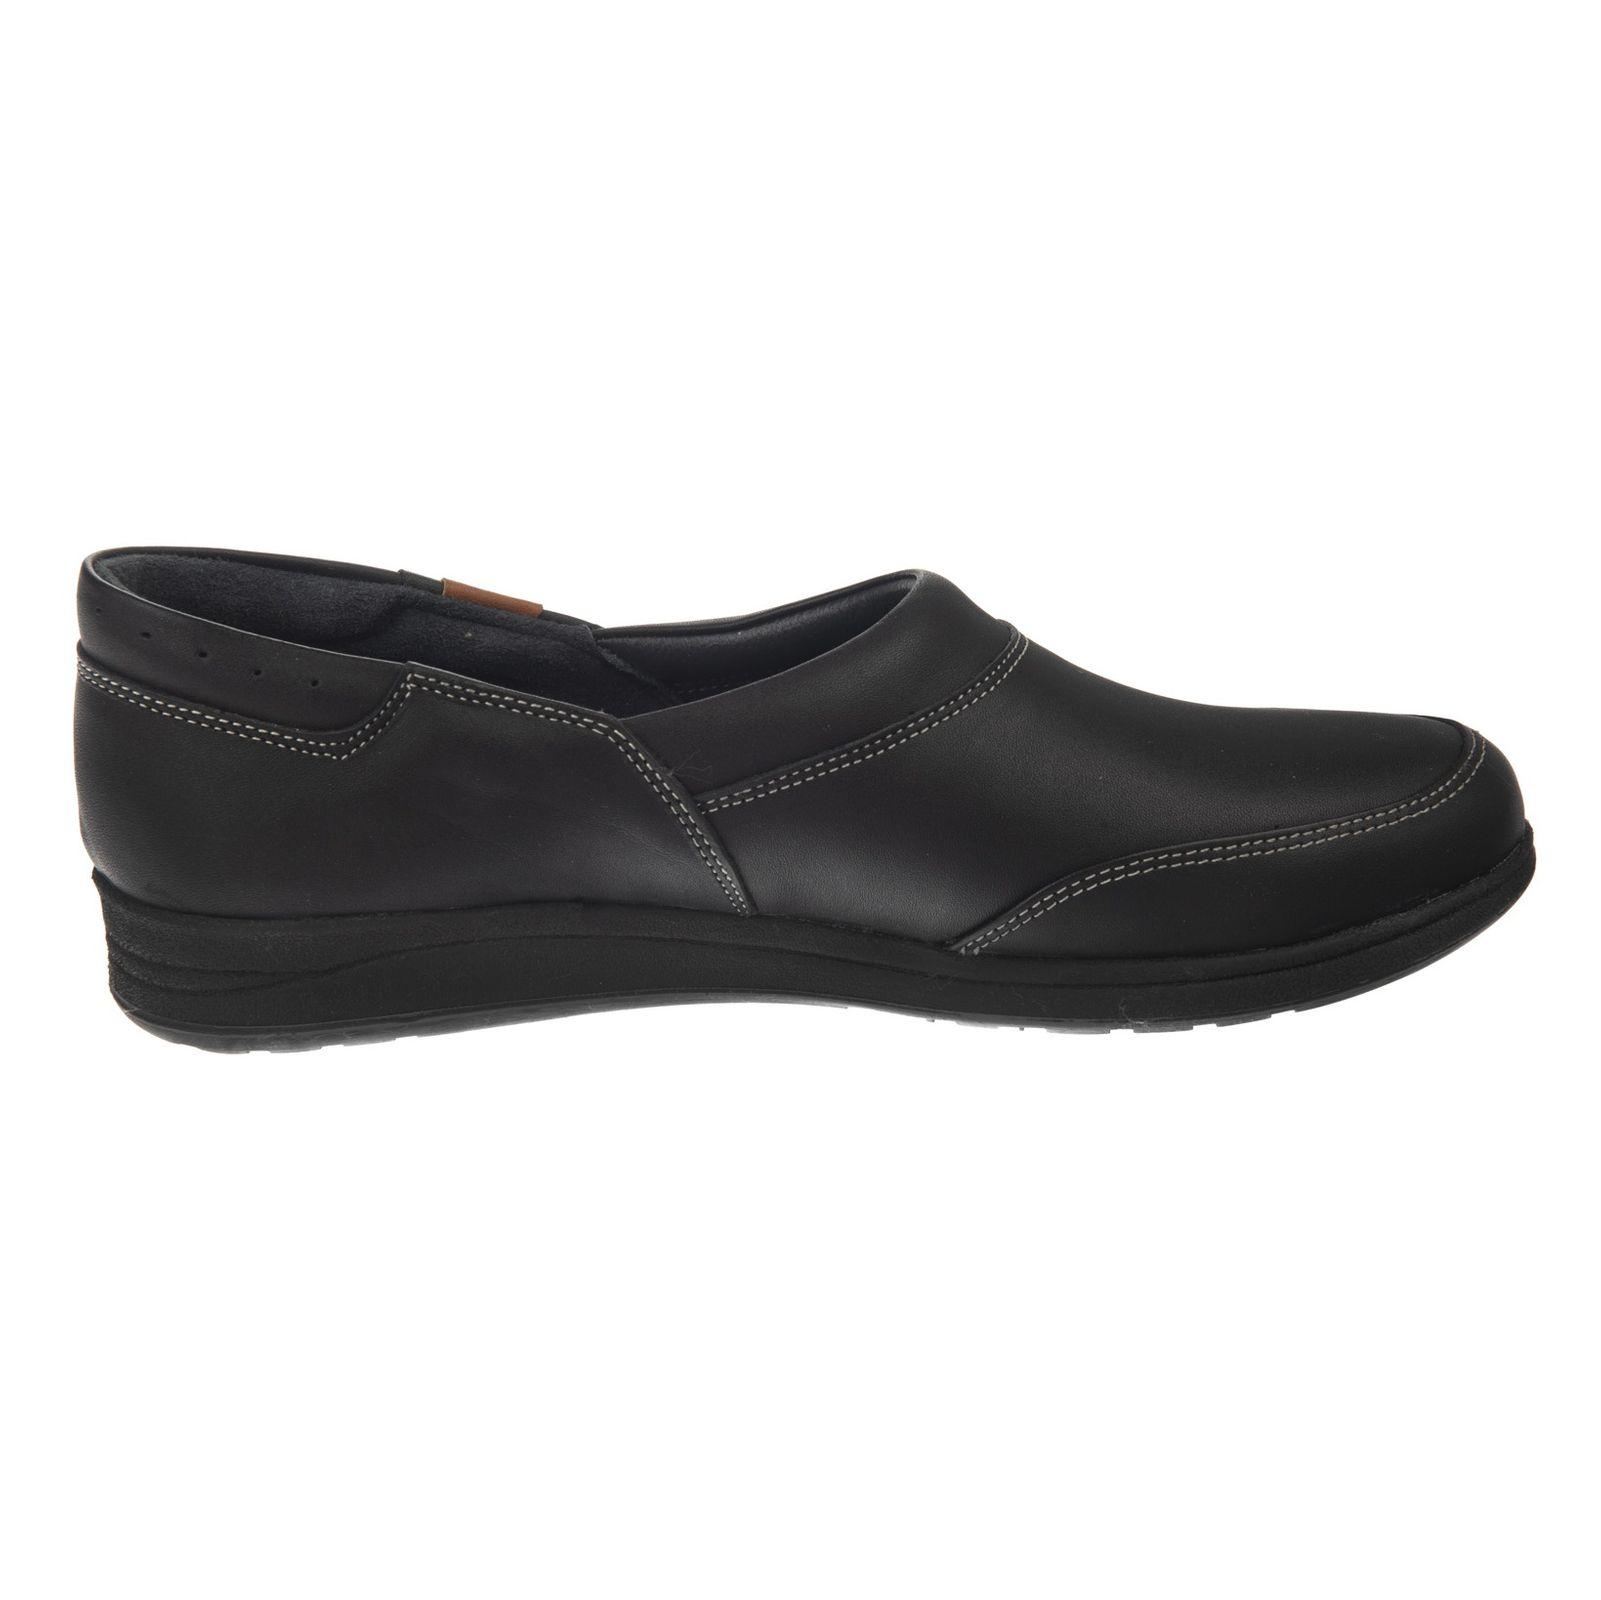 کفش روزمره زنانه شیفر مدل 5181B-101 main 1 4